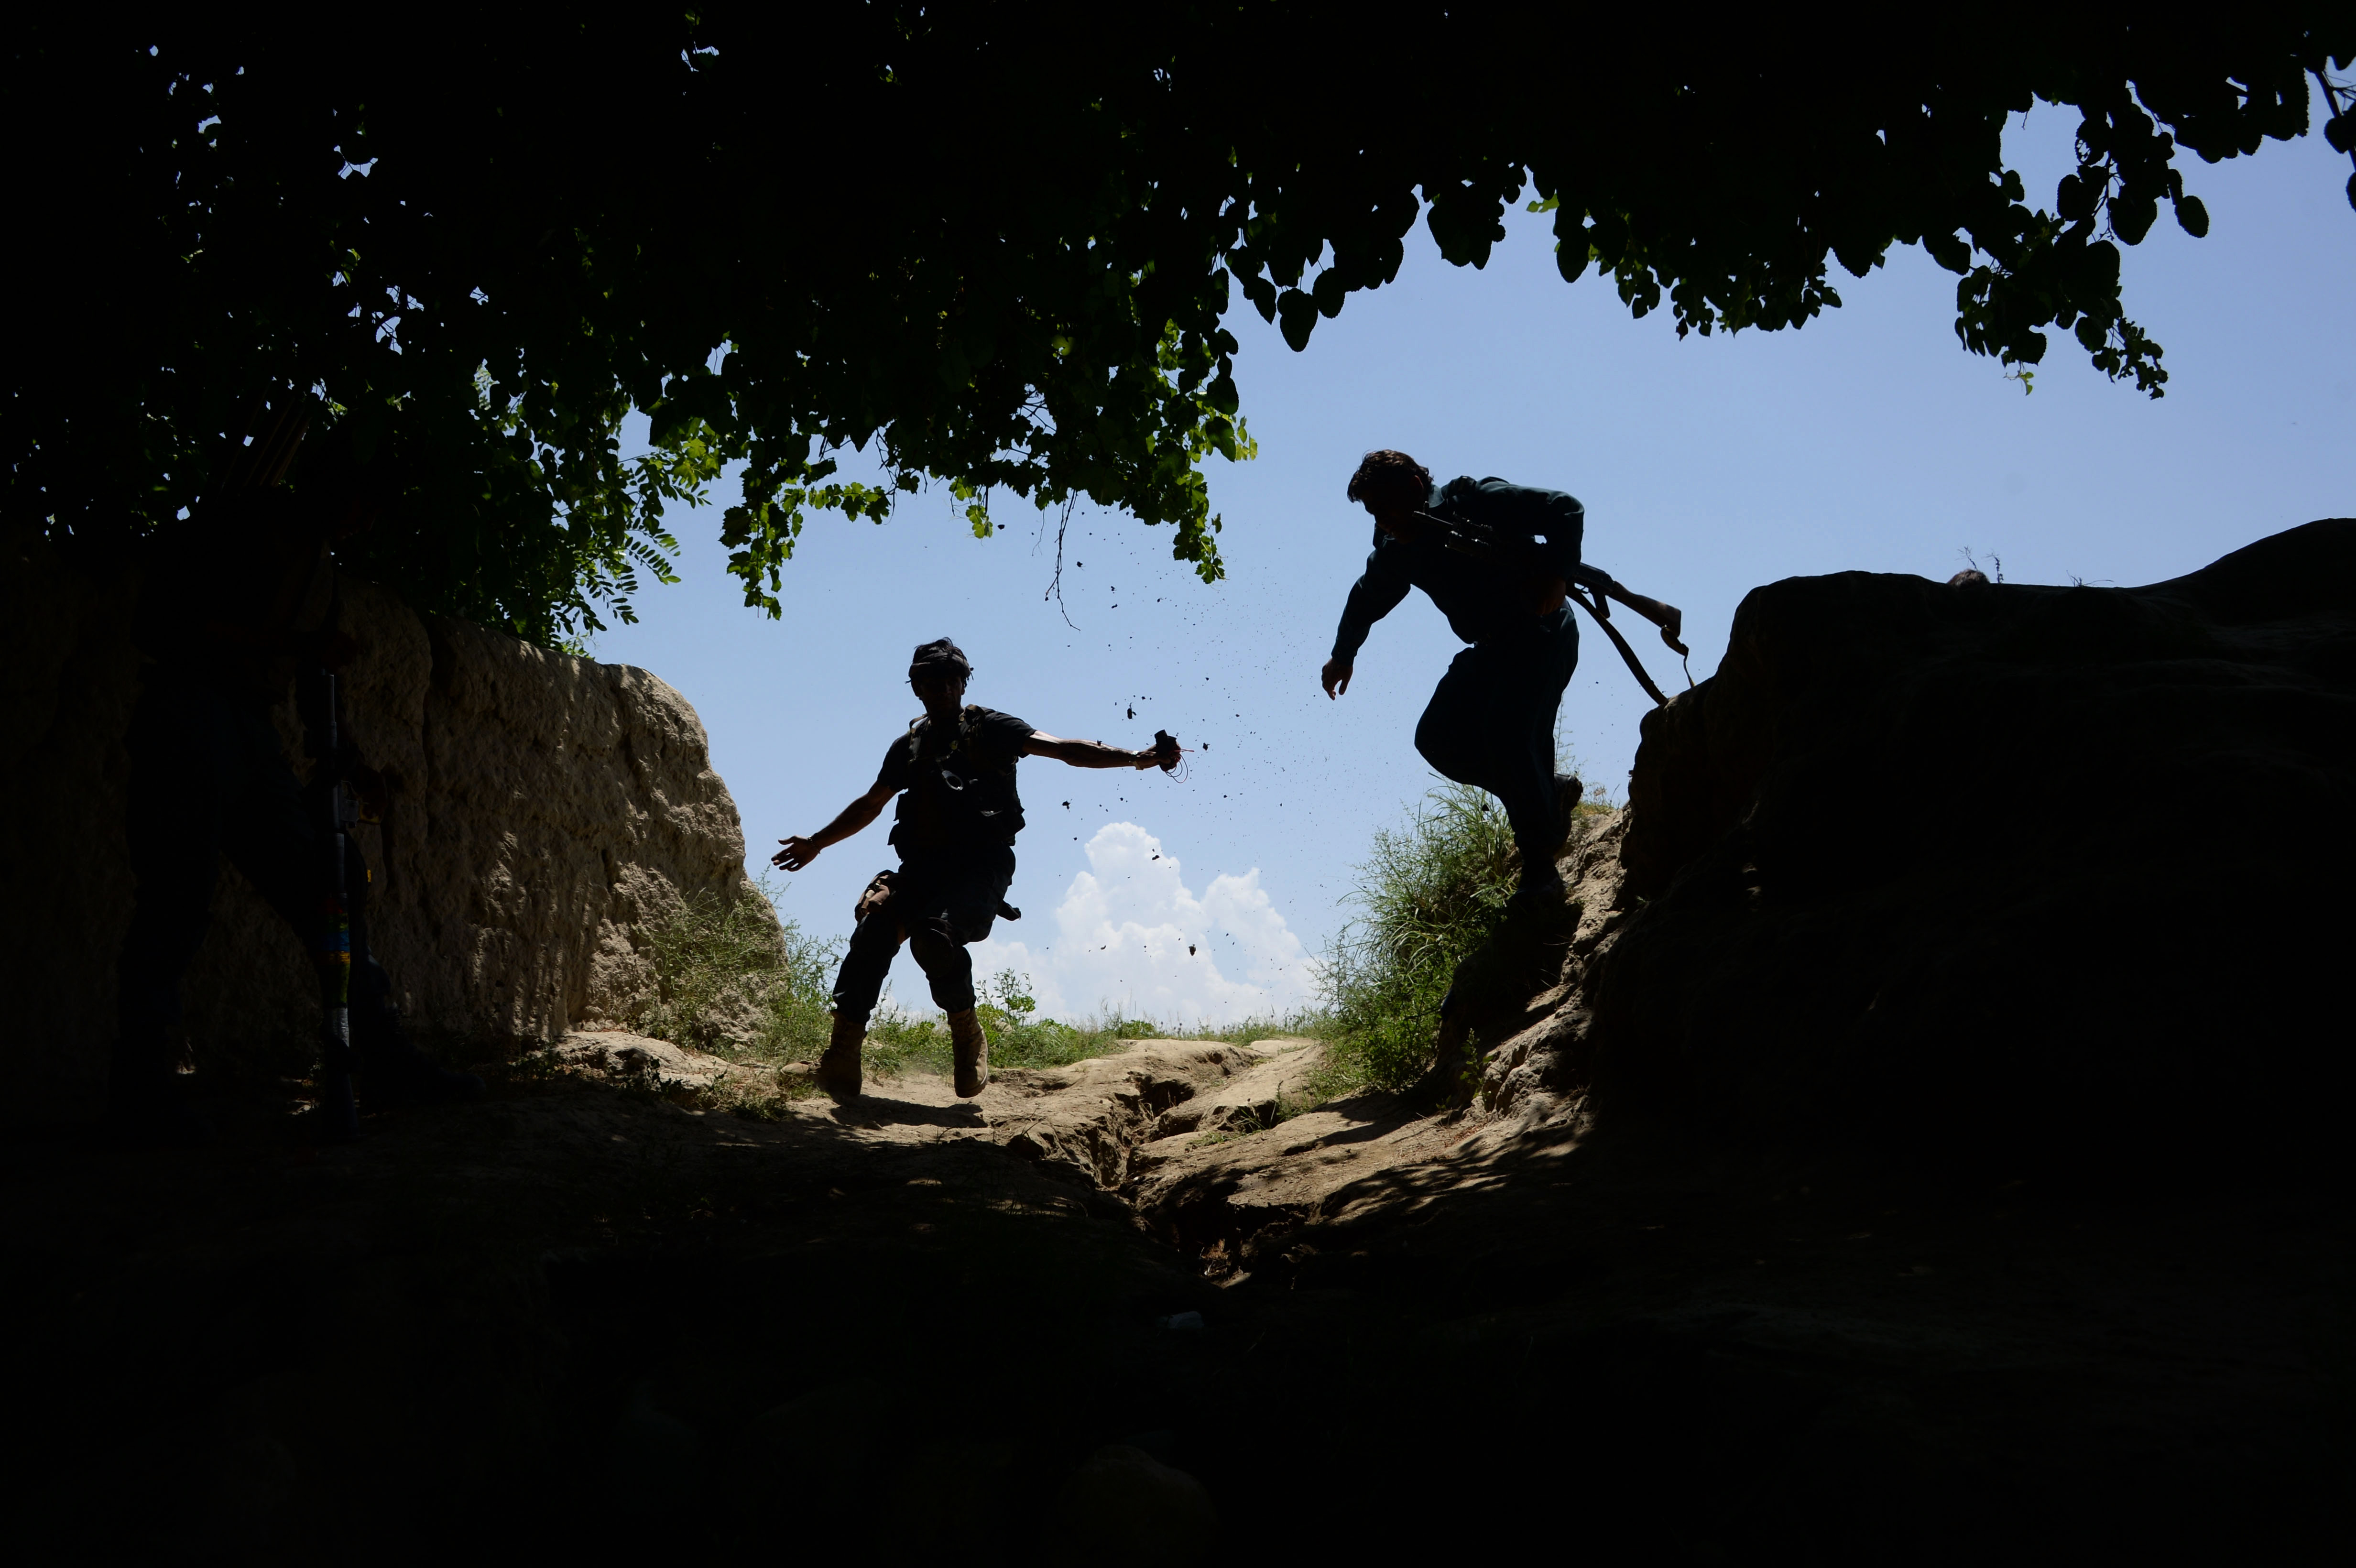 Turf war between ISIS, Taliban continues in Tora Bora